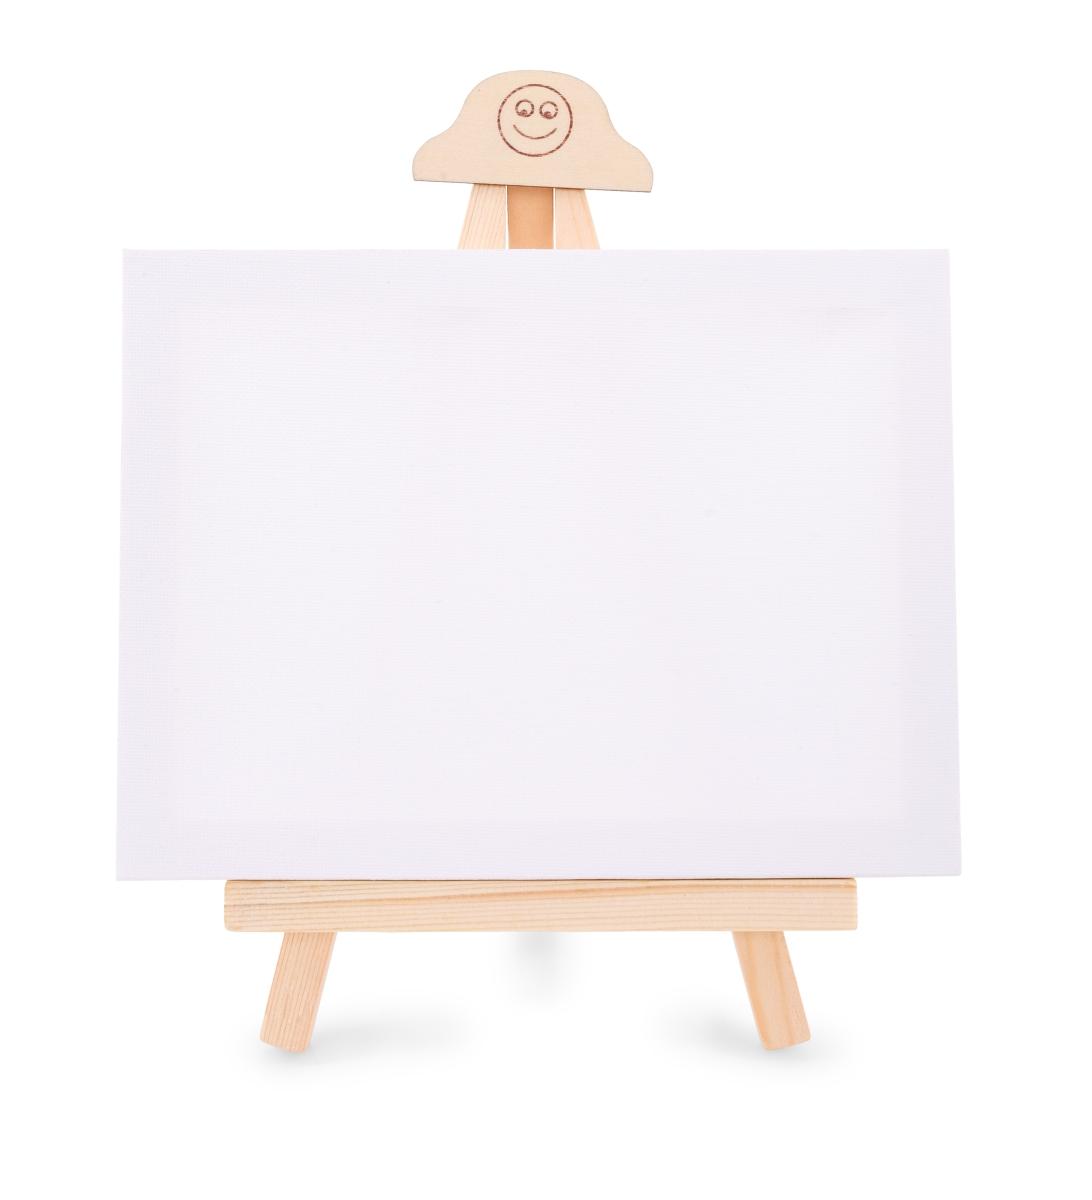 Malířské plátno 20 x 15 cm na dřevěném stojánku